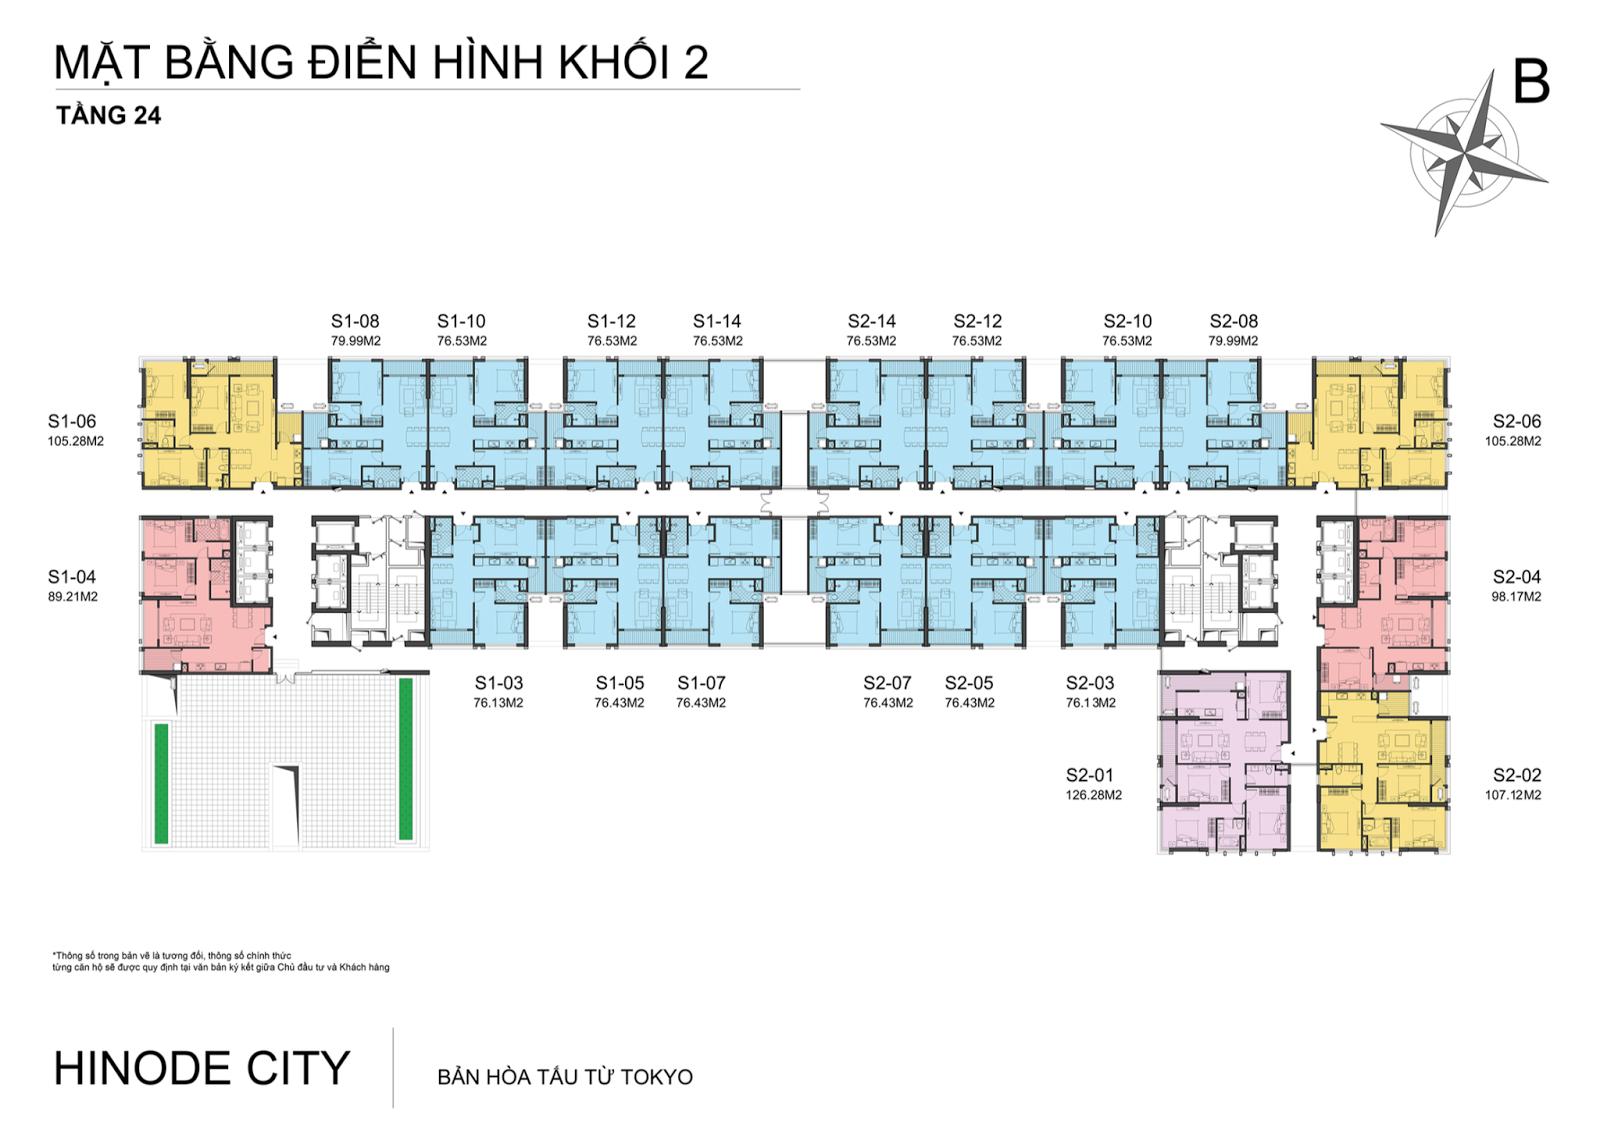 Mặt bằng tầng 24 chung cư Hinode City Minh Khai